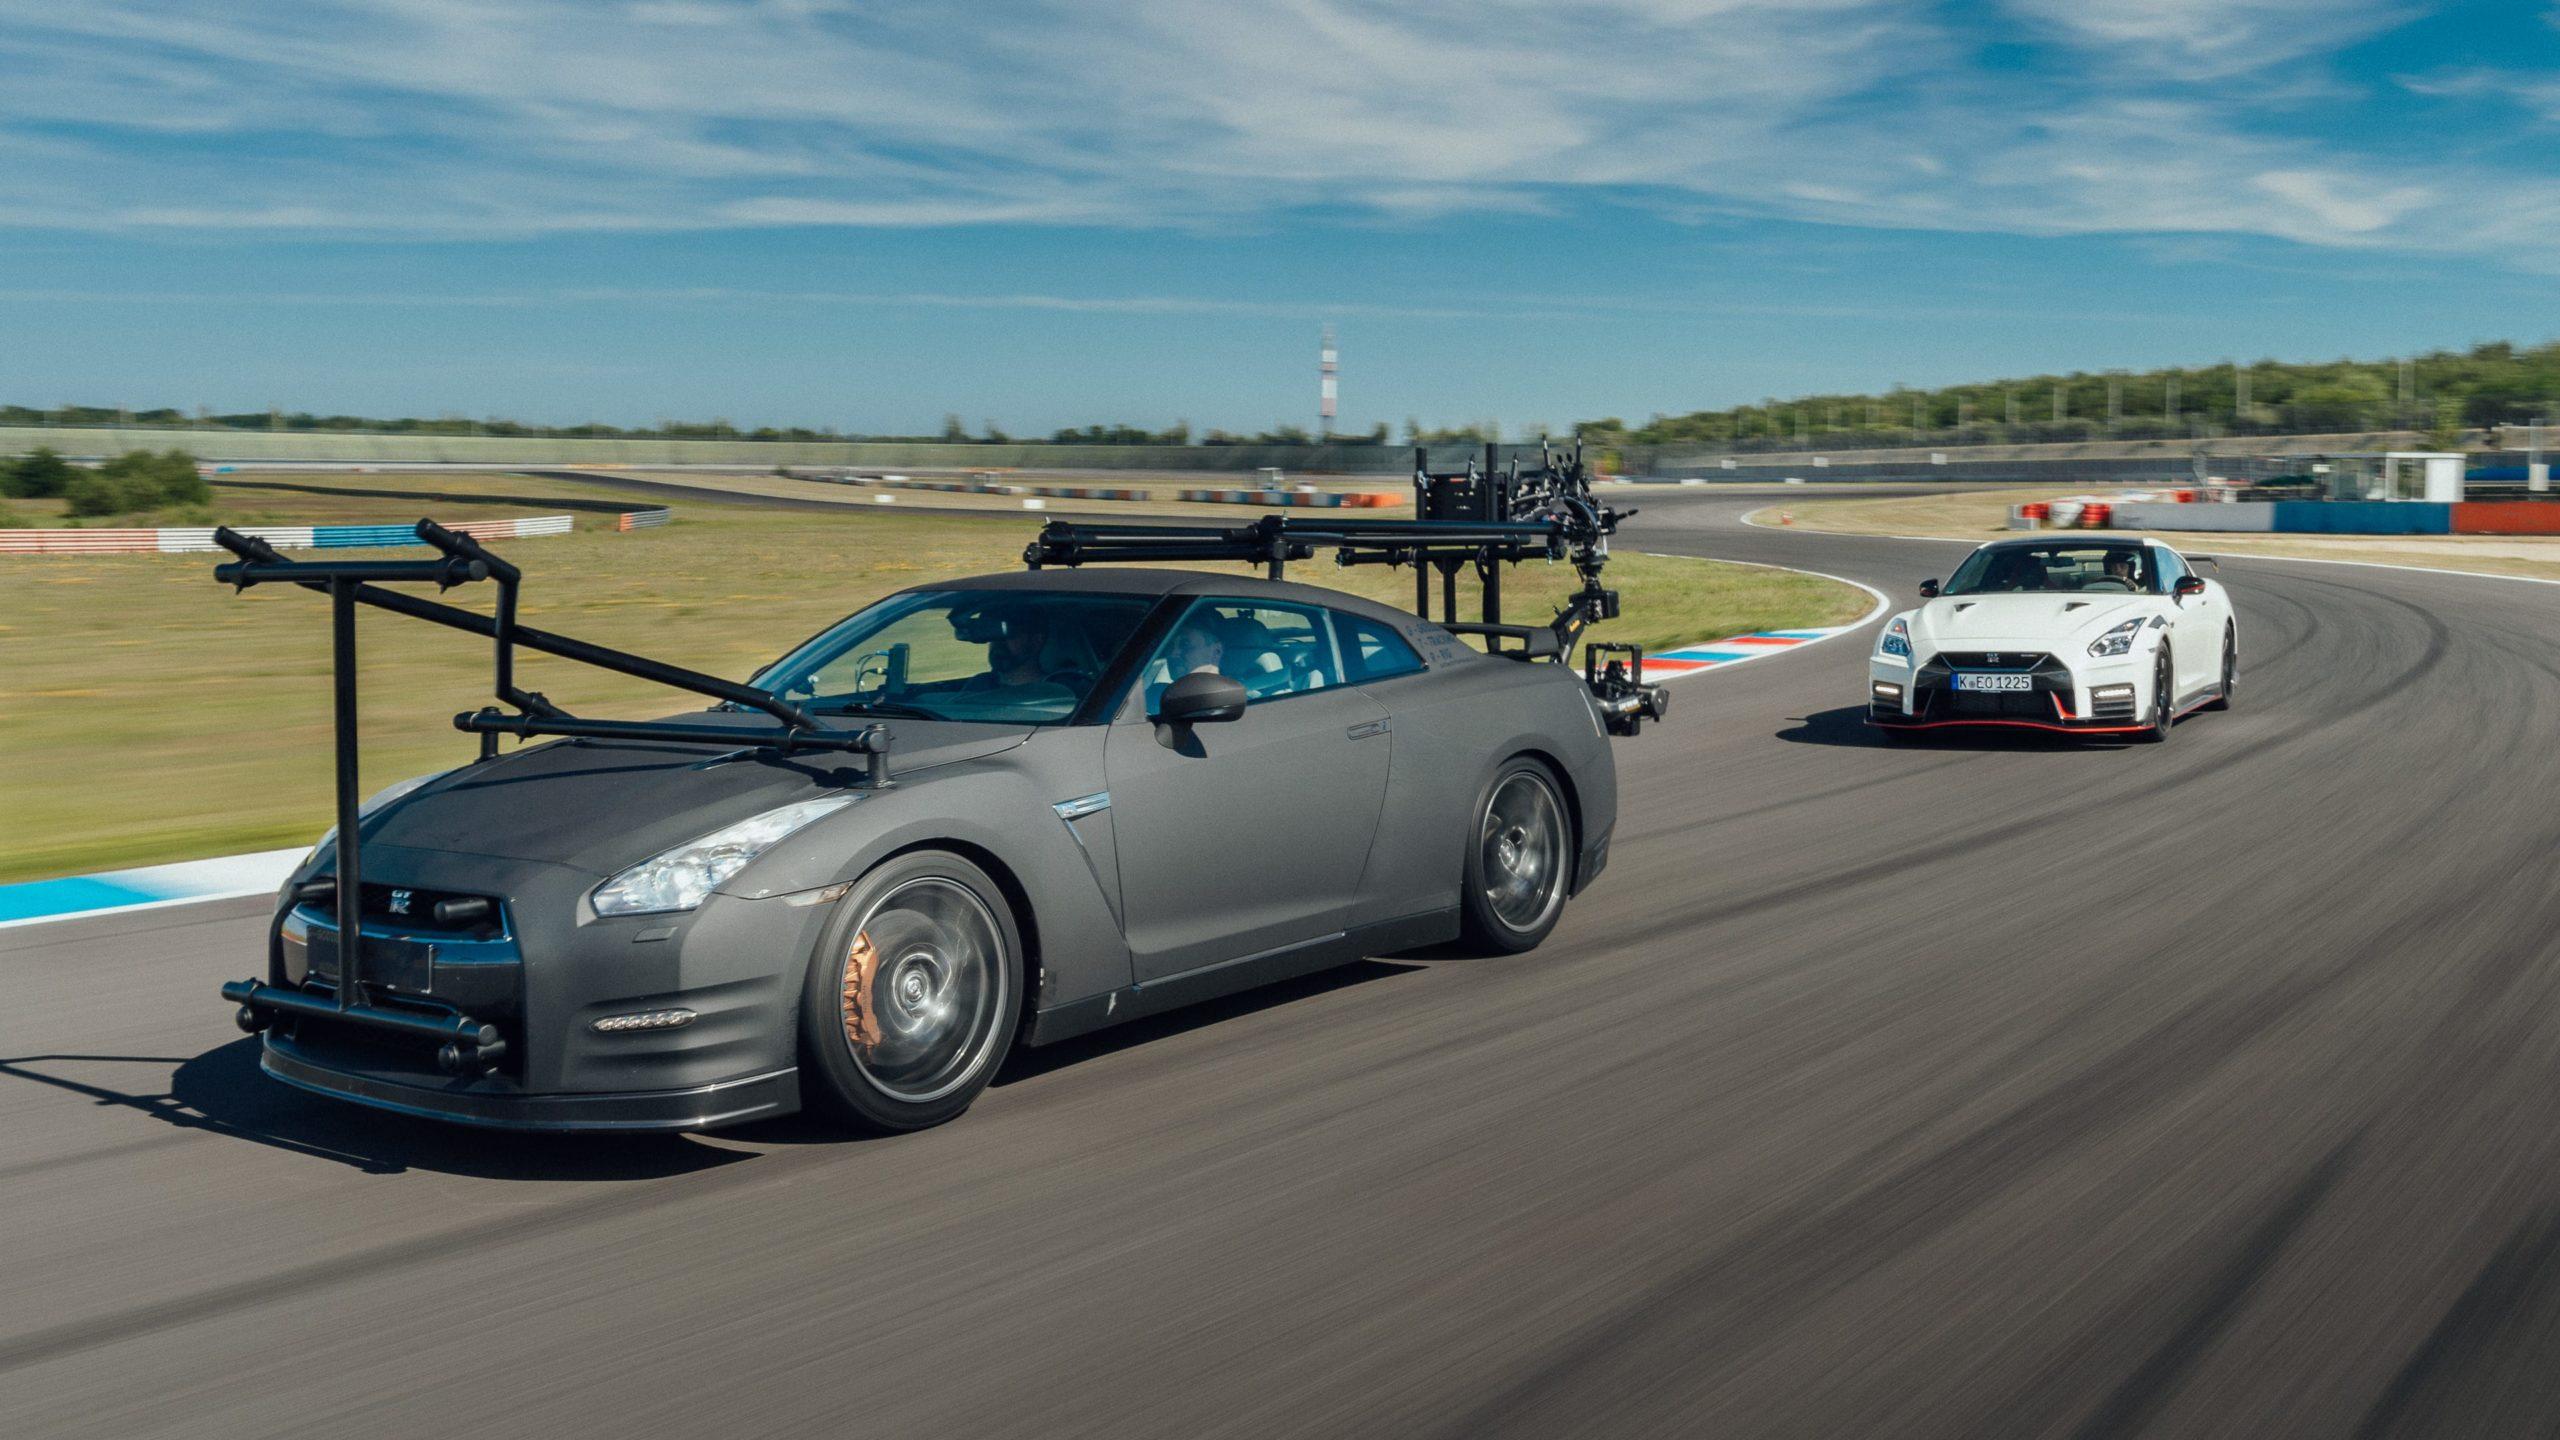 ¿Cuál es el único automóvil capaz de filmar al GT-R NISMO 2020? Otro GT-R